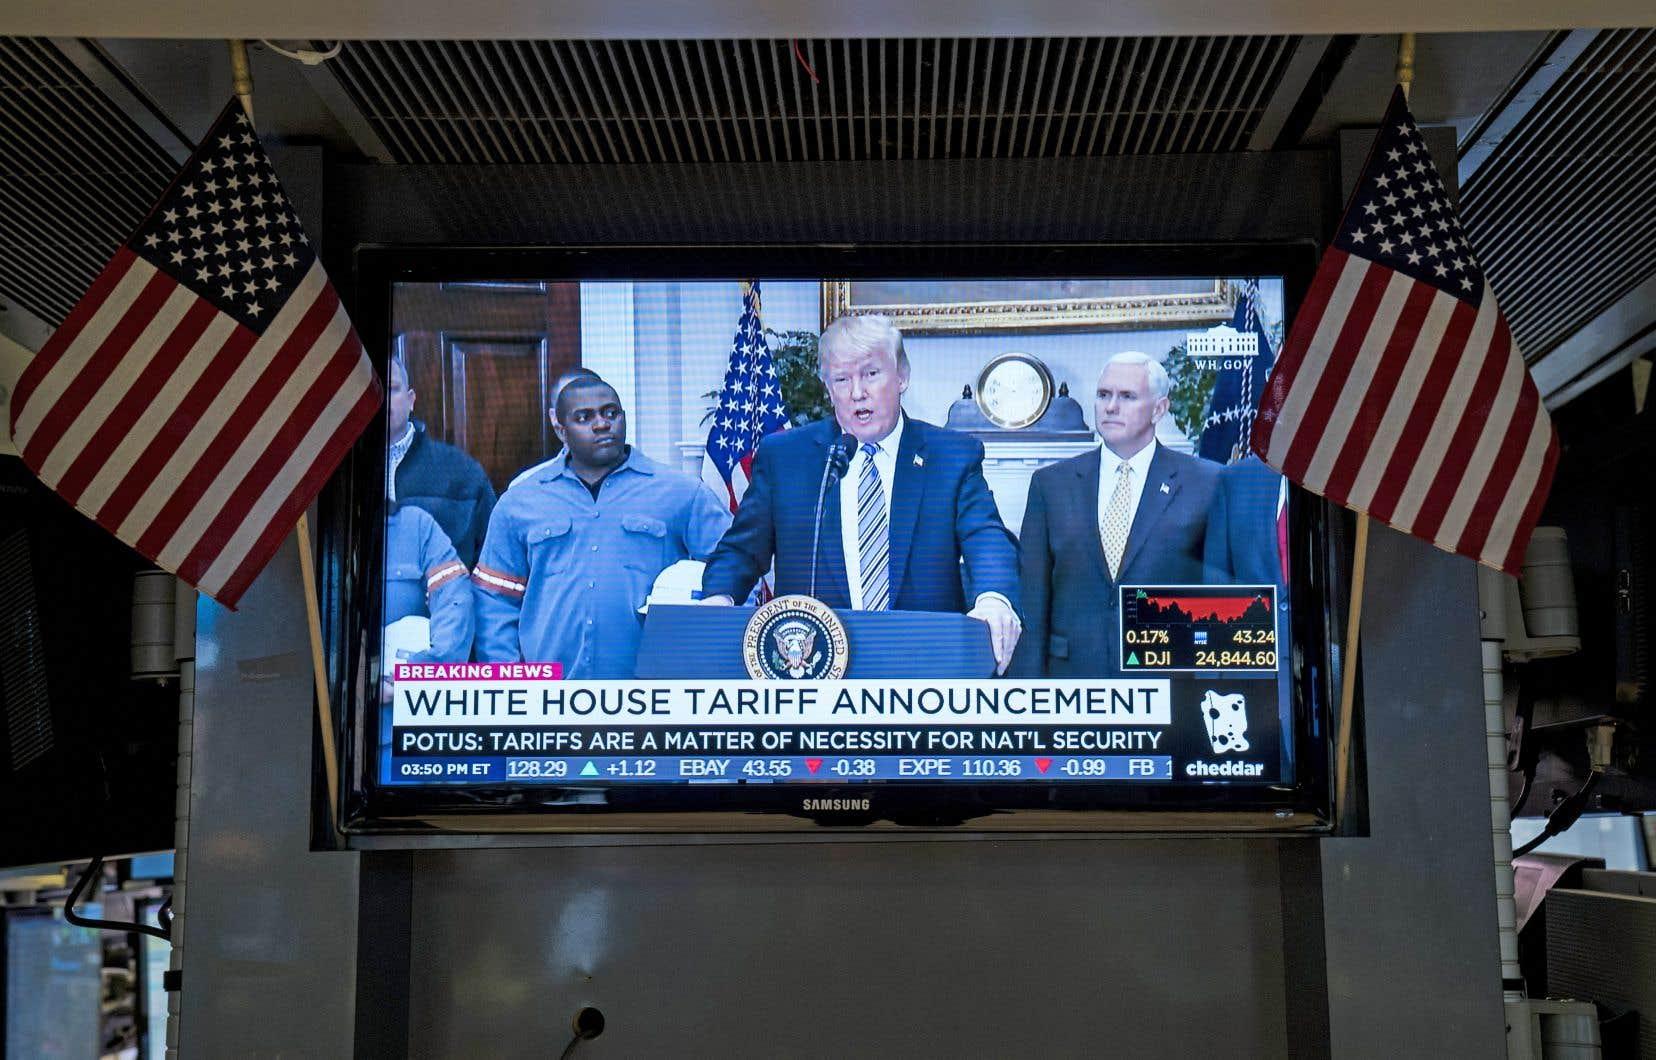 «En raison de la nature unique de notre relation avec le Canada et le Mexique […], nous n'allons pas imposer de tarifs à ces deux pays», a affirmé le président américain, Donald Trump.